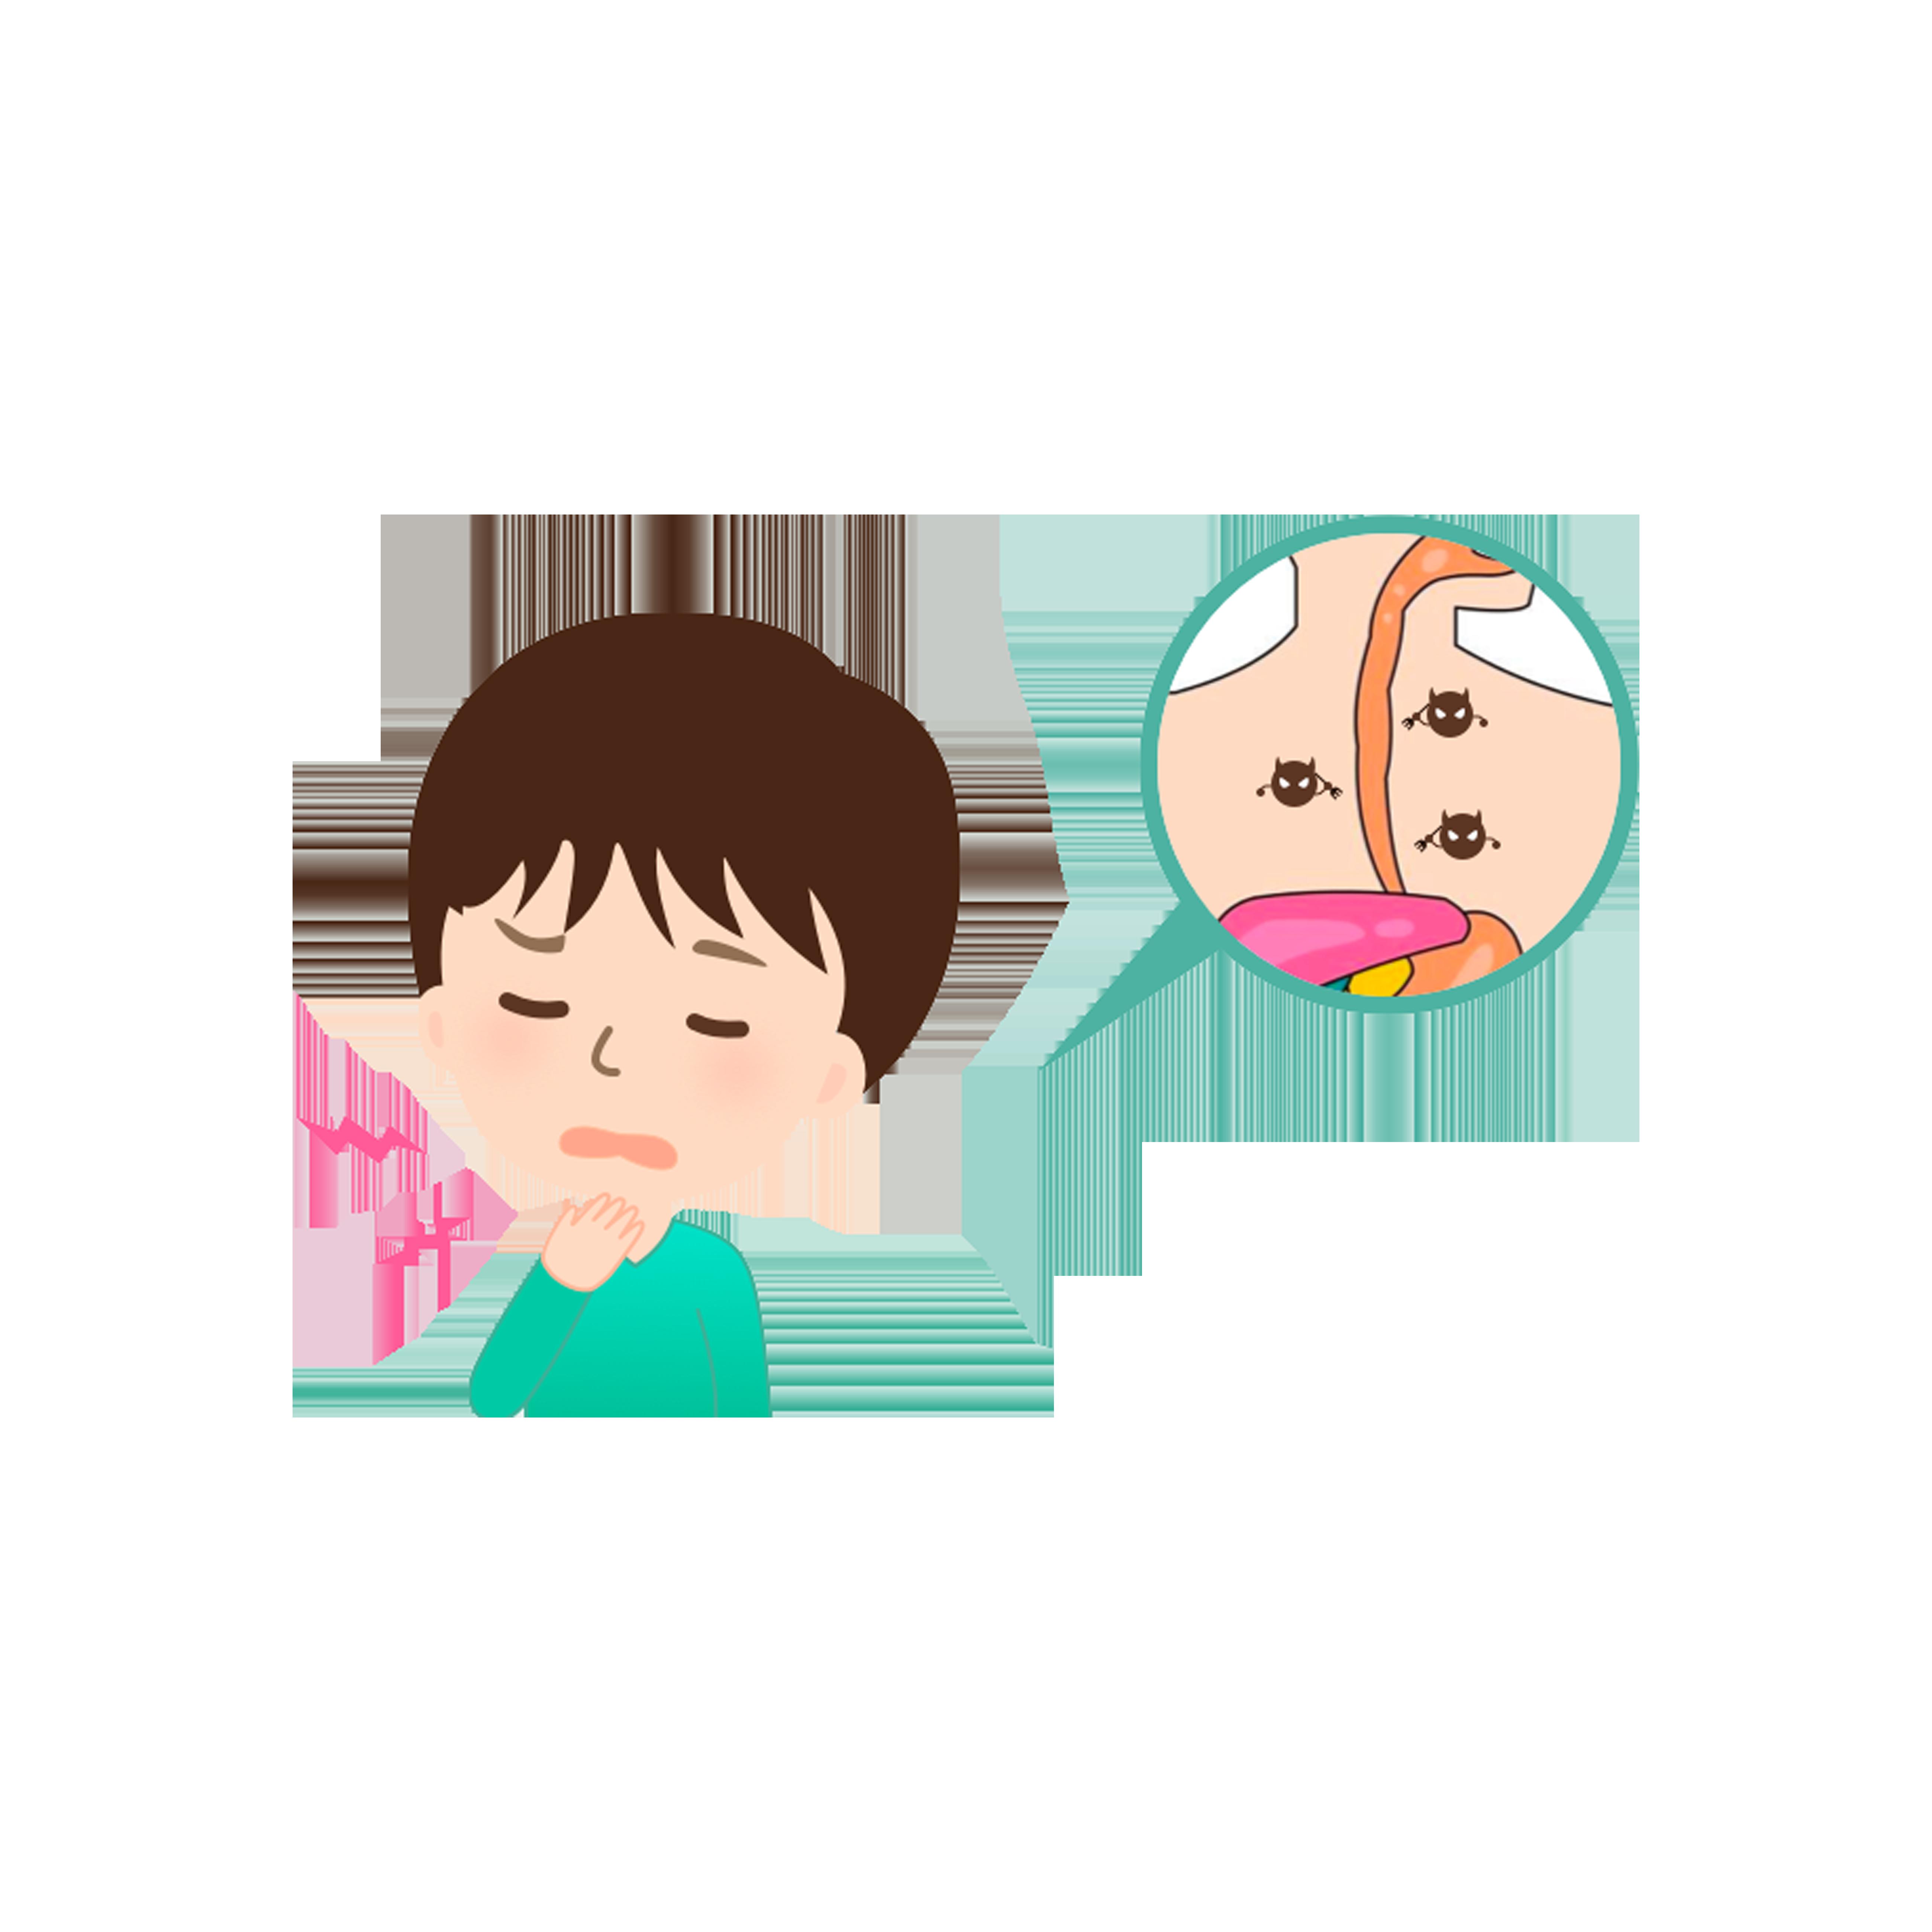 【食管癌】治疗晚期/转移性食管癌患者